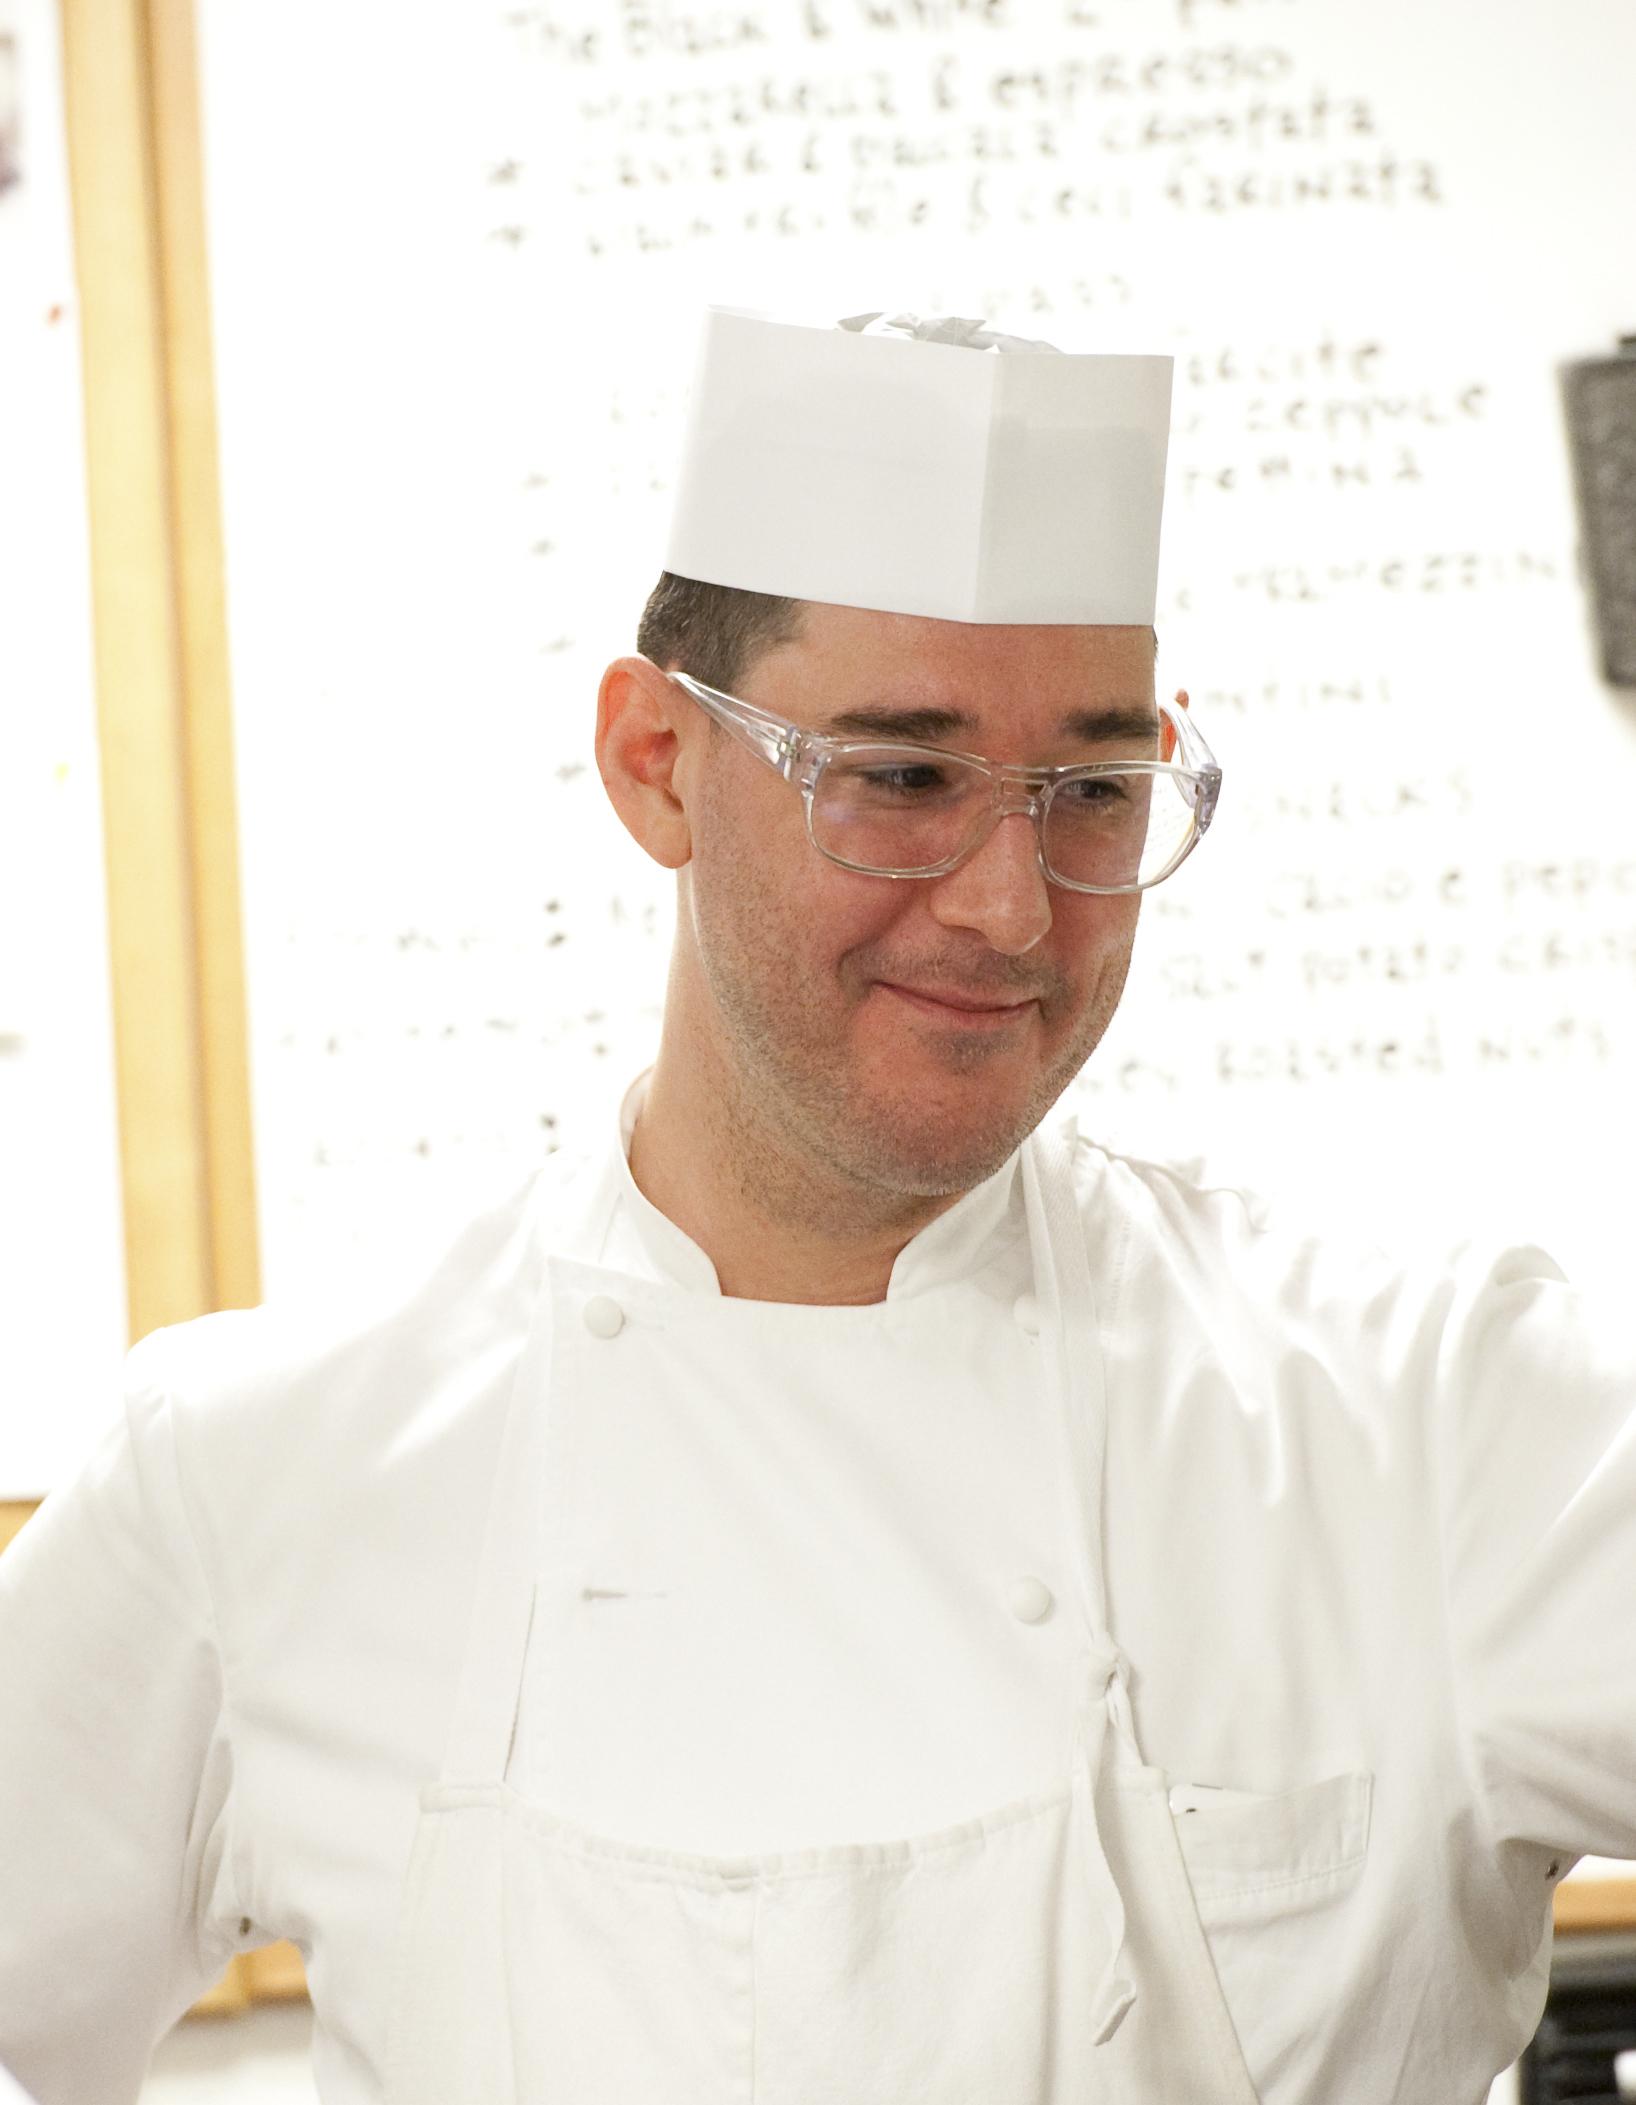 Chef Mark Ladner